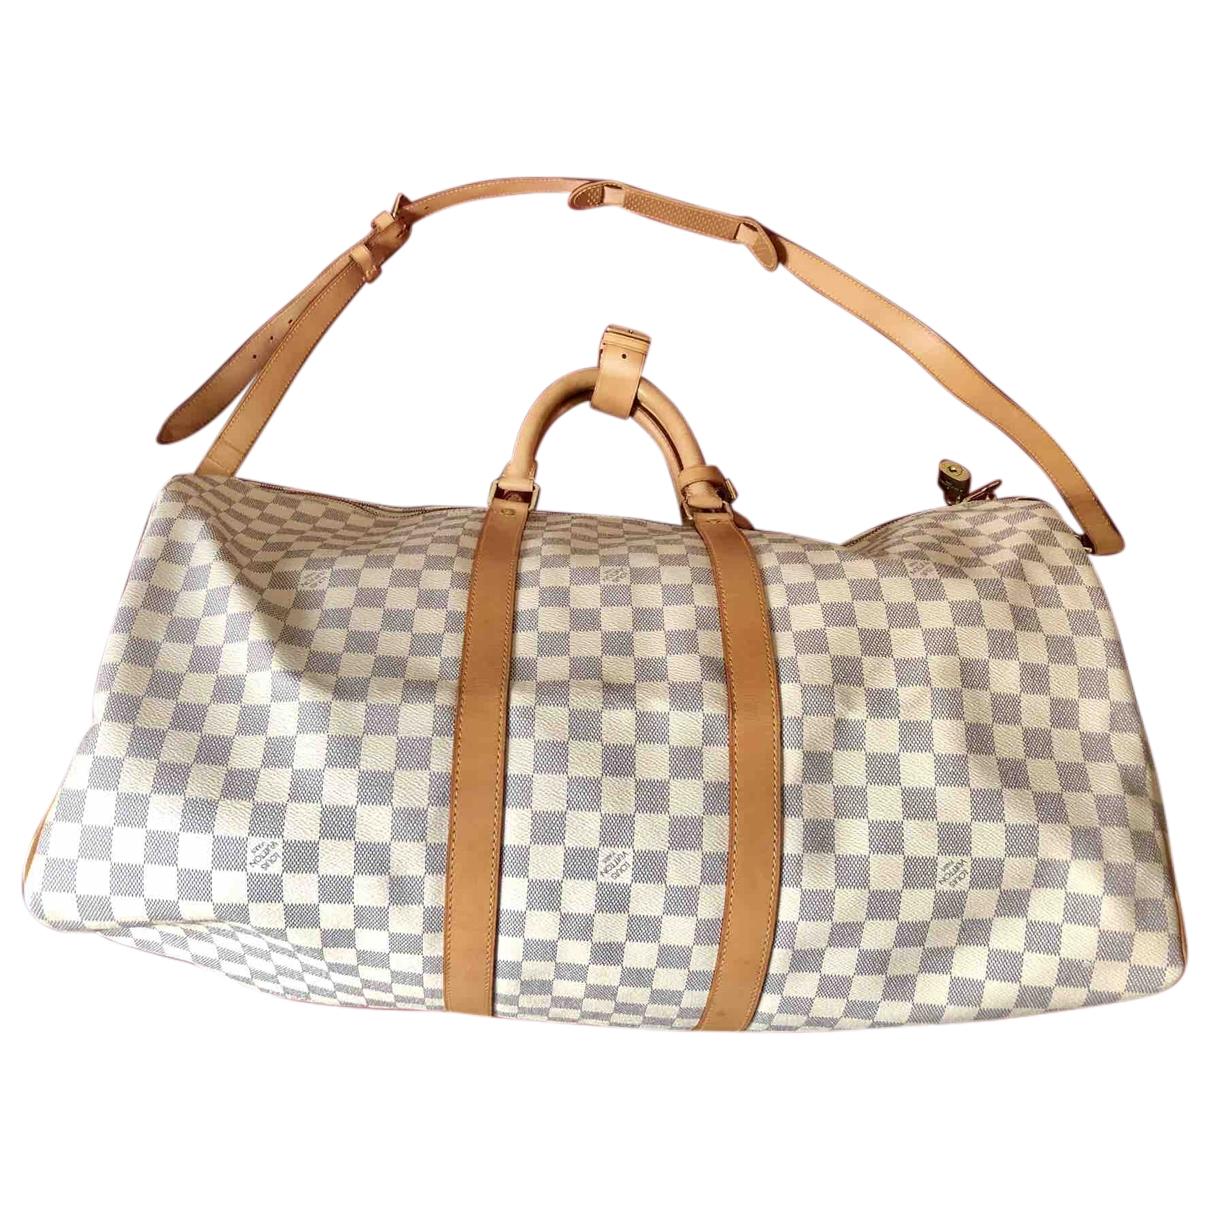 Louis Vuitton Keepall Reisetasche in Baumwolle